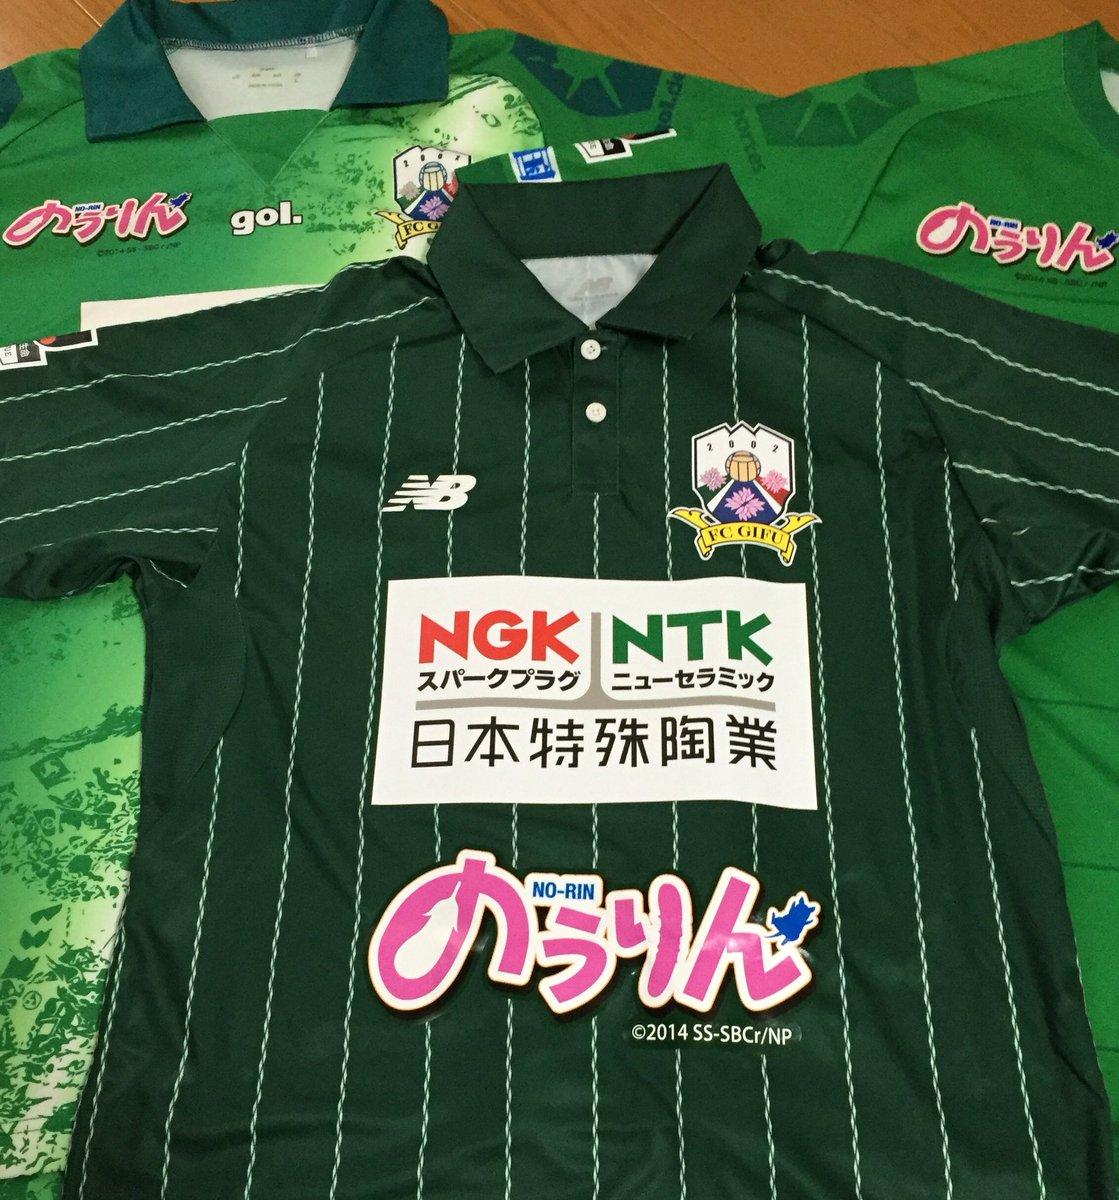 FC岐阜×のうりんコラボユニフォームは今年で三年目となりますが、これまでと比べて明らかにロゴがでかい!!タオマフや缶バッ